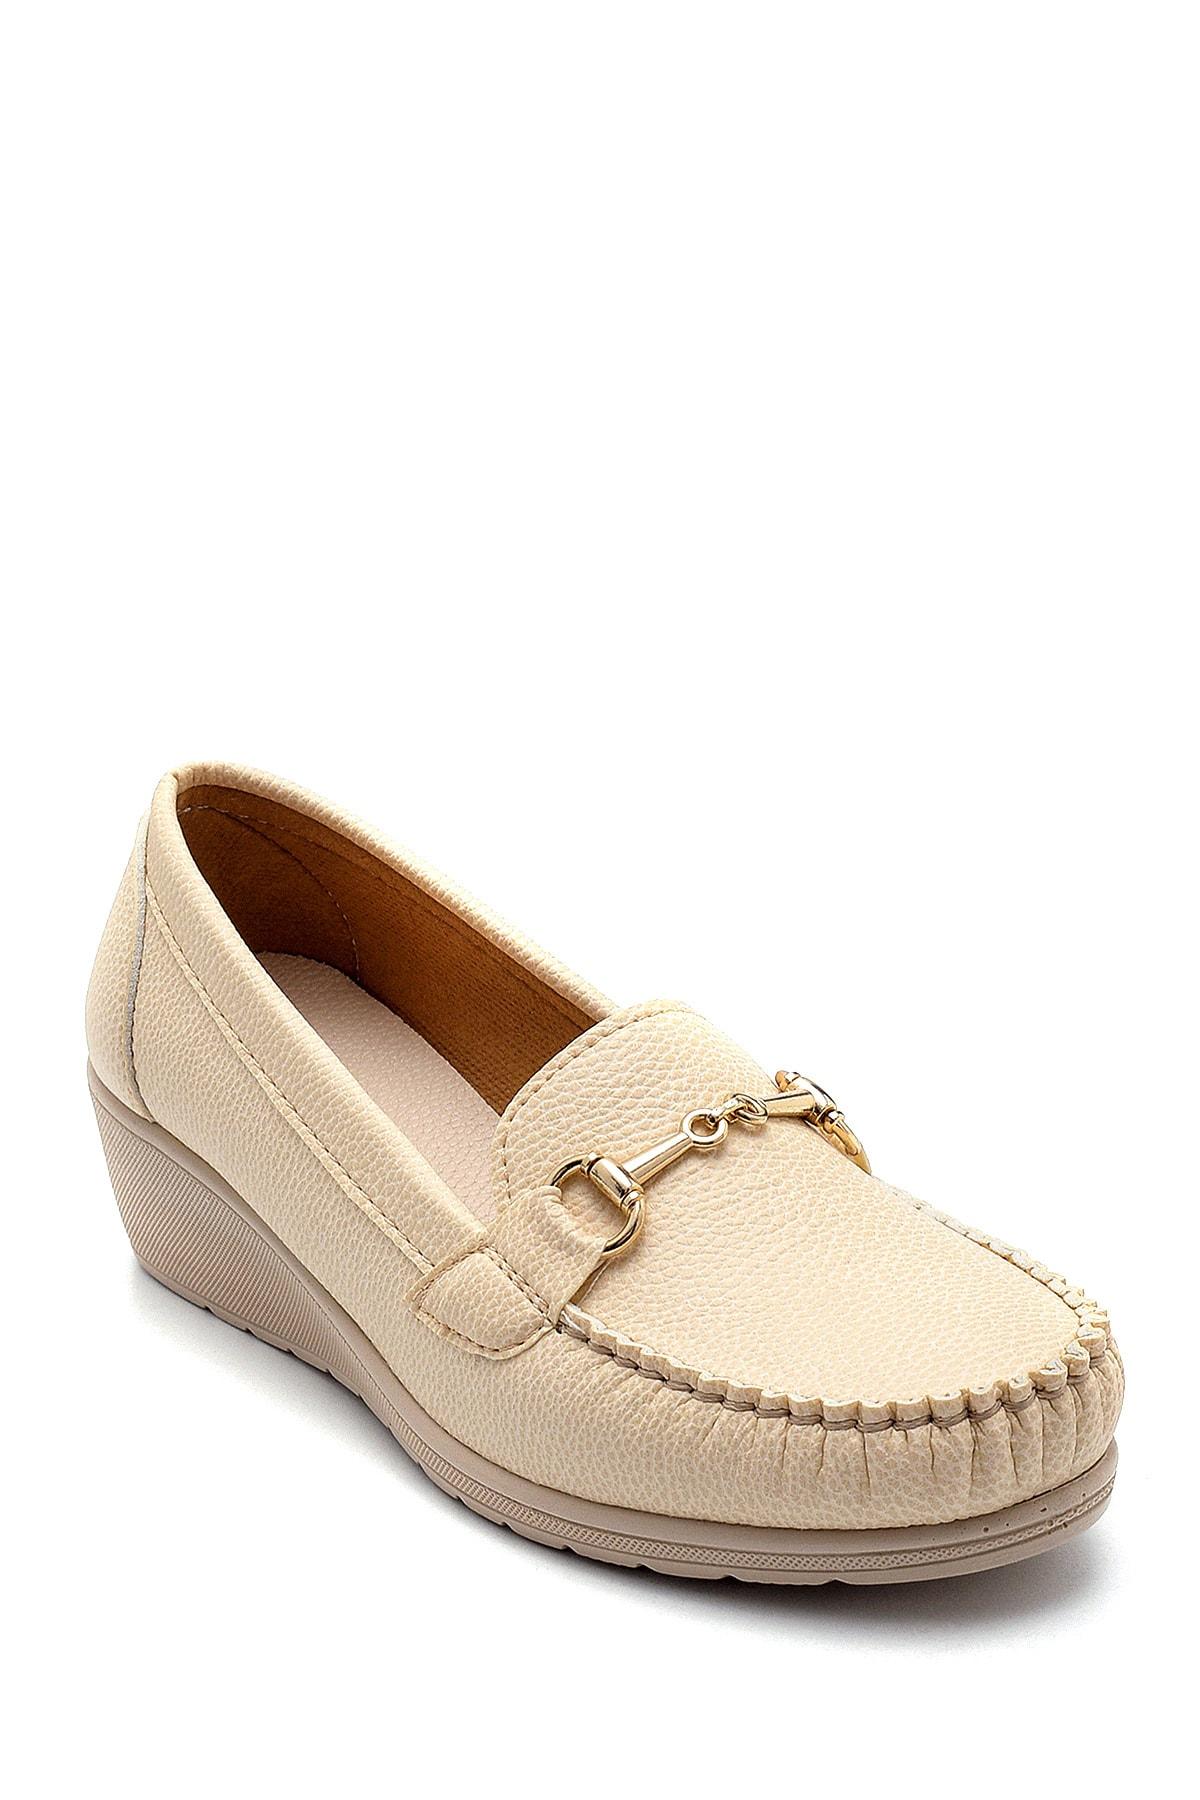 Derimod Kadın Bej Dolgu Topuklu Loafer Ayakkabı 2